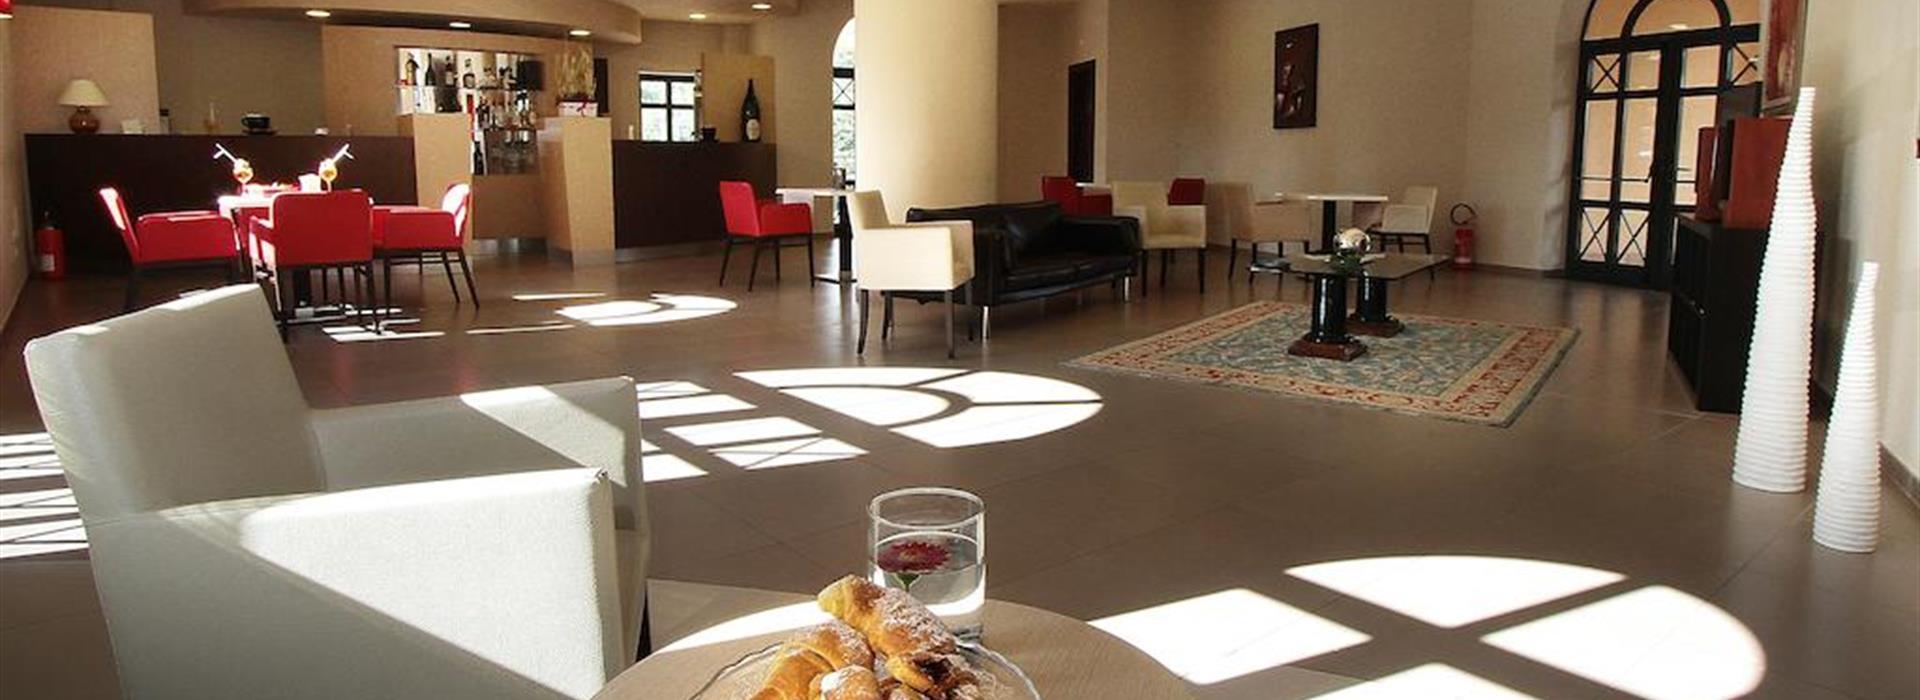 Saint-Malo-Hotel-de-l'Univers